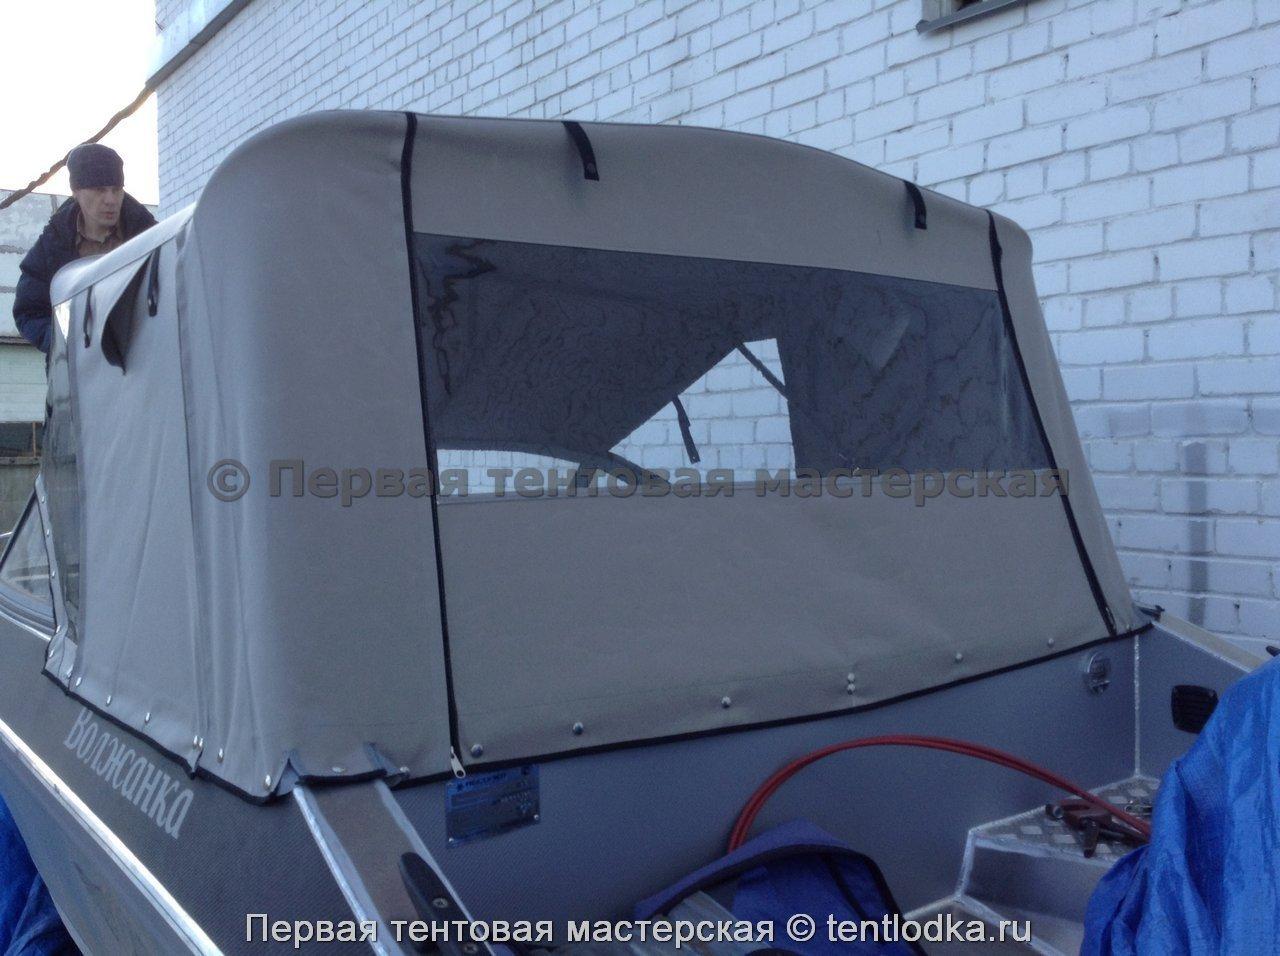 Volzhanka49_002